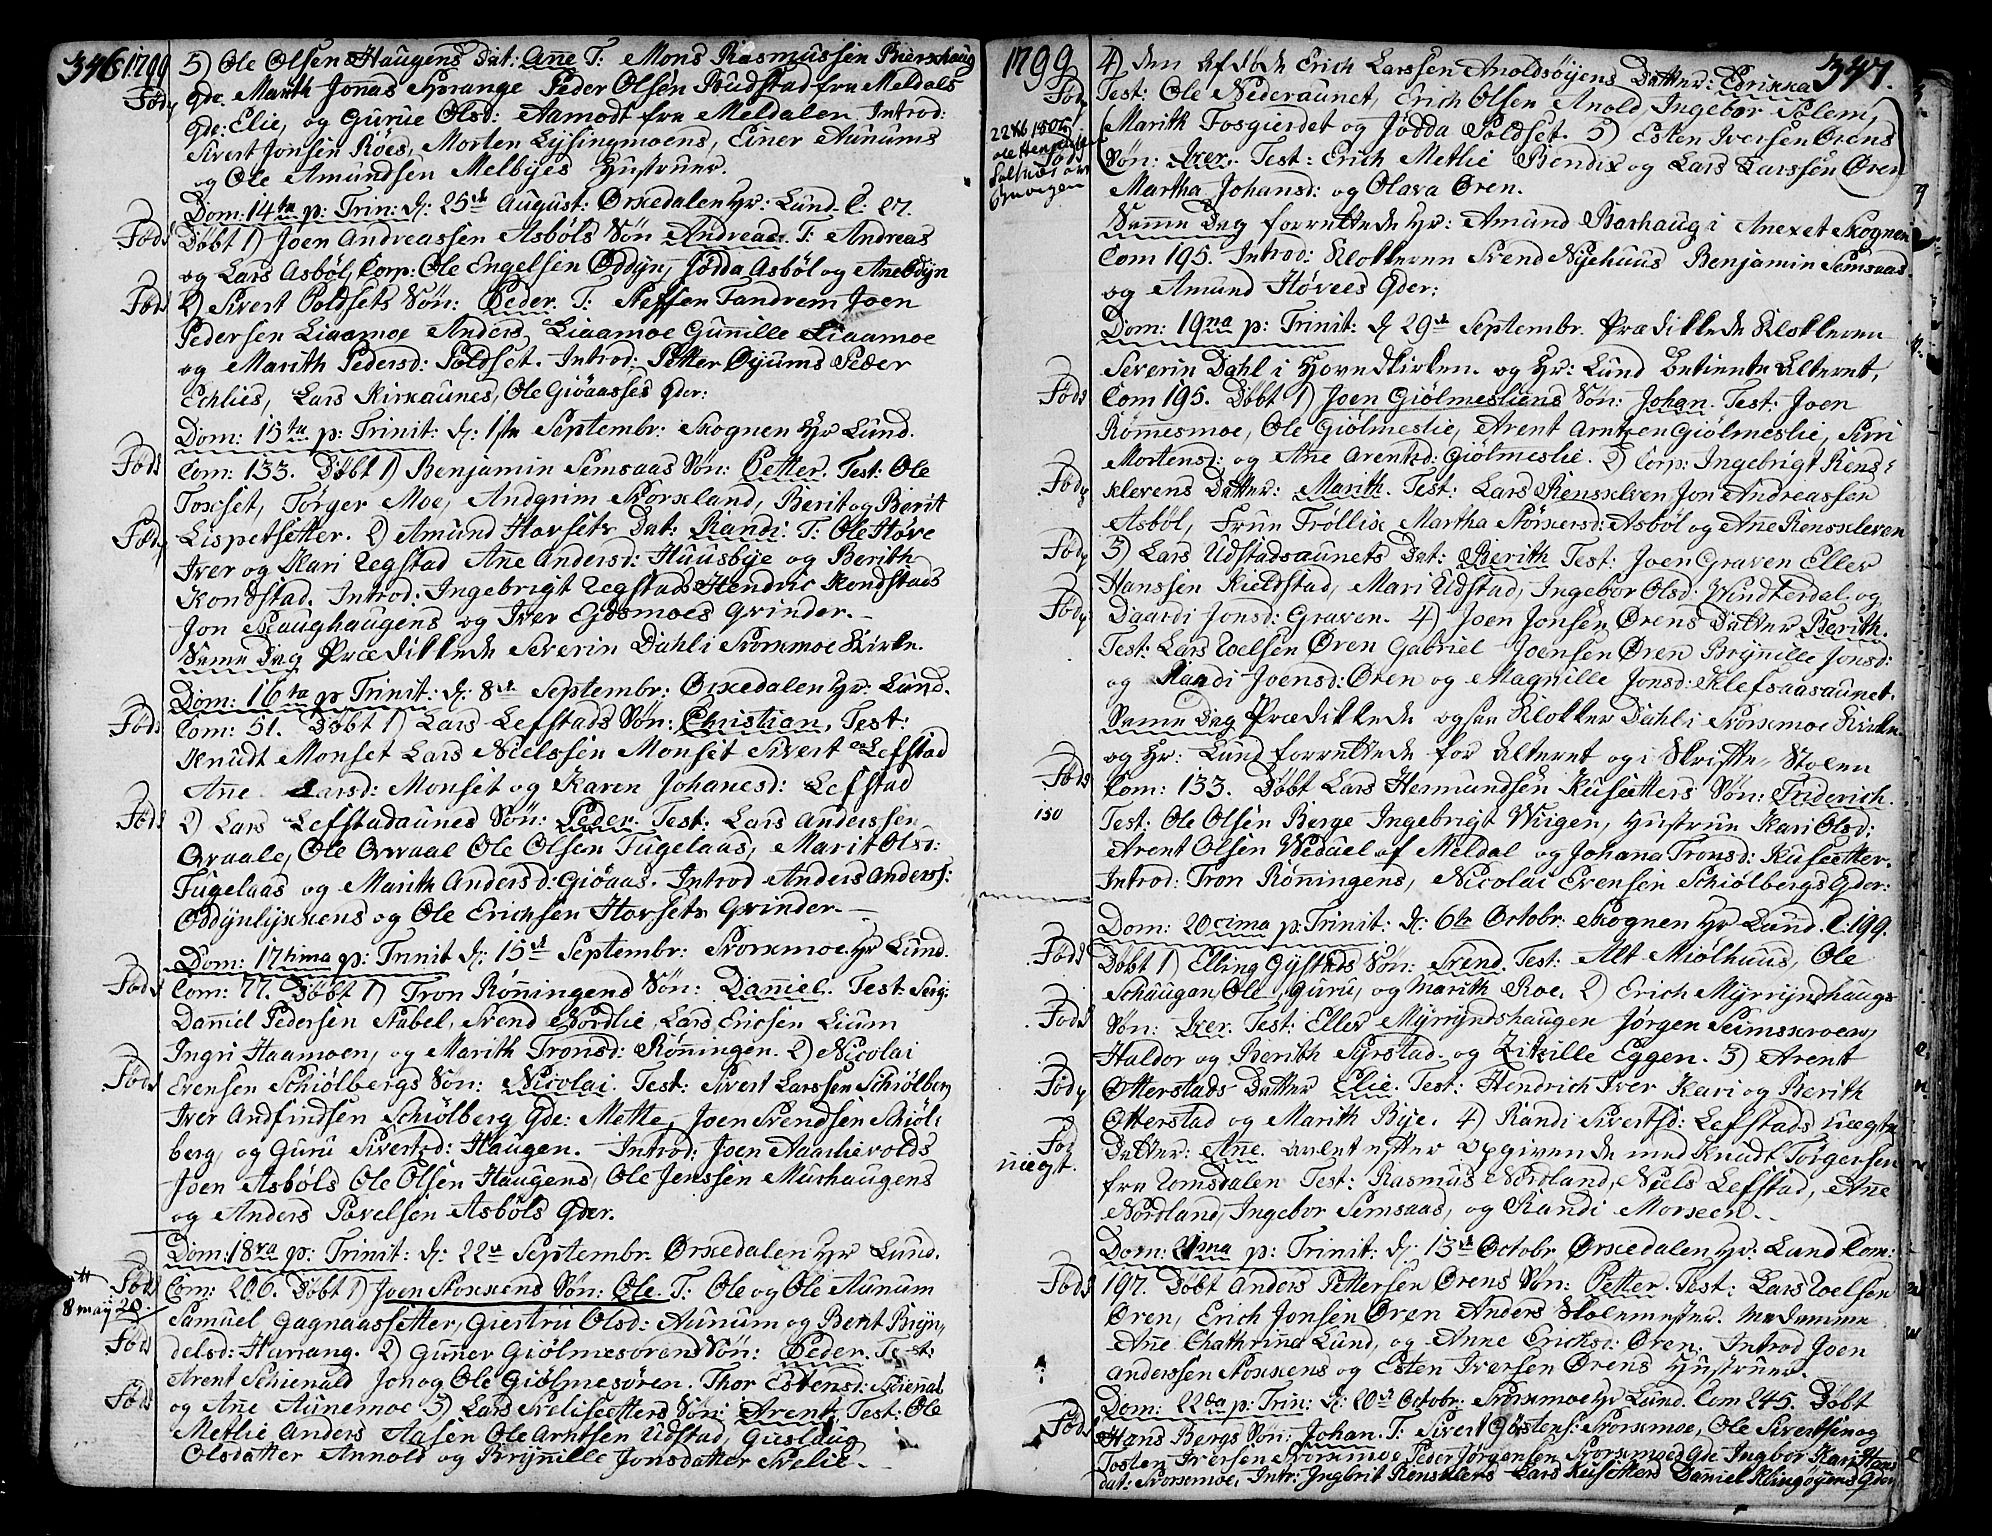 SAT, Ministerialprotokoller, klokkerbøker og fødselsregistre - Sør-Trøndelag, 668/L0802: Ministerialbok nr. 668A02, 1776-1799, s. 346-347